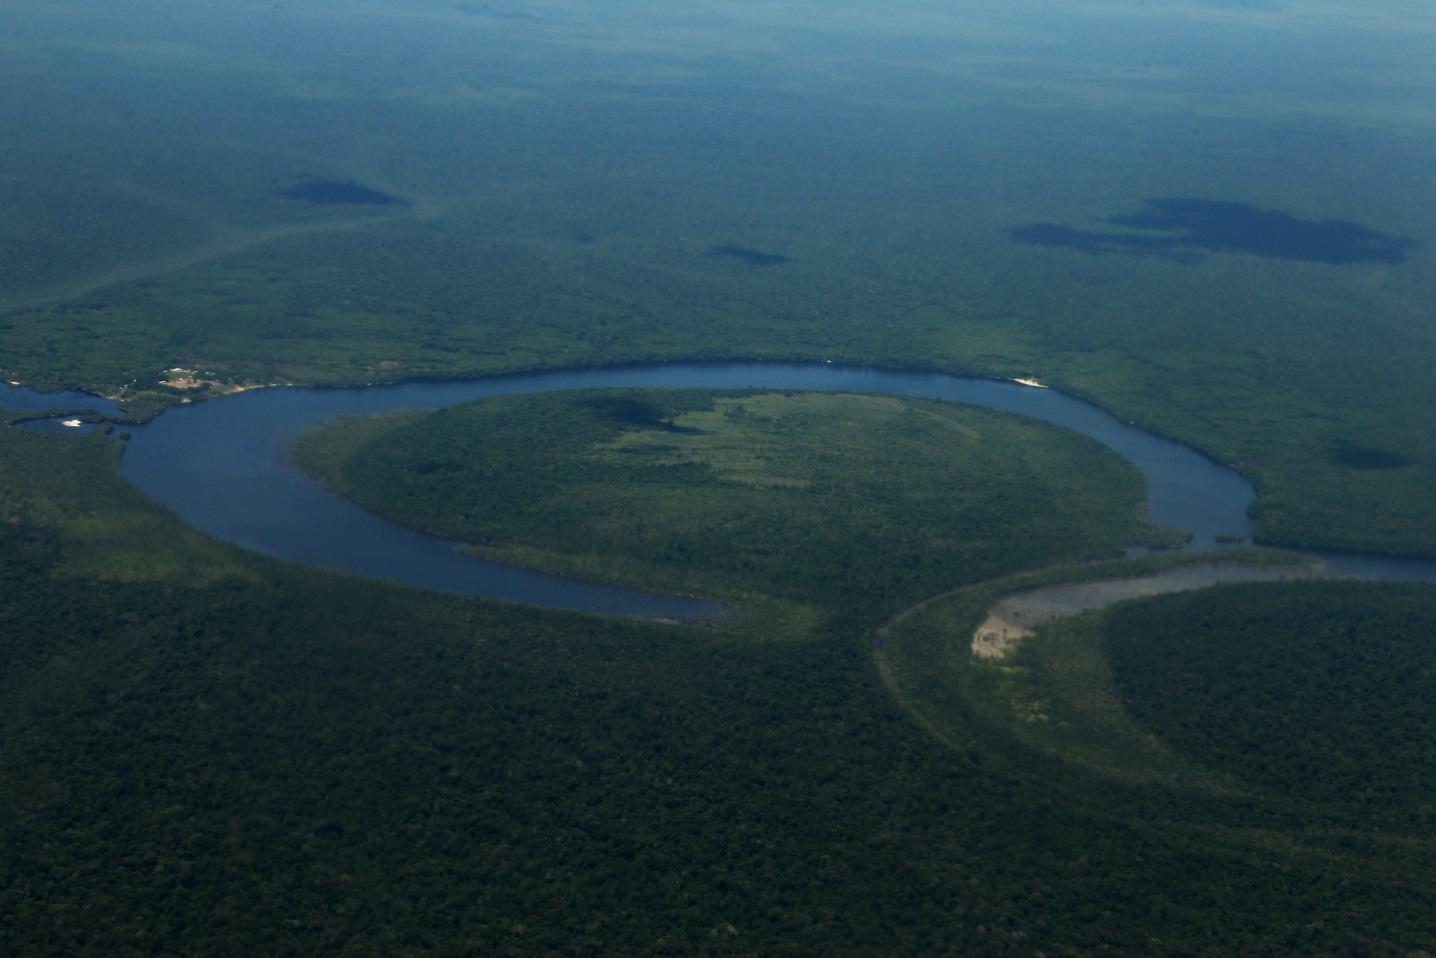 Der Vichada ist einer der wenigen Flüsse in Kolumbien, die nicht bereits für das Sportfischen erschlossen wurden die Tucunaré oder Peacock Bass Fische die in diesem Fluss gefangen wurden sind riesige Exemplare mit mehr als 23 Pfund Gewicht. Foto mit freundlicher Genehmigung  :   Filiberto Pinzón Acosta